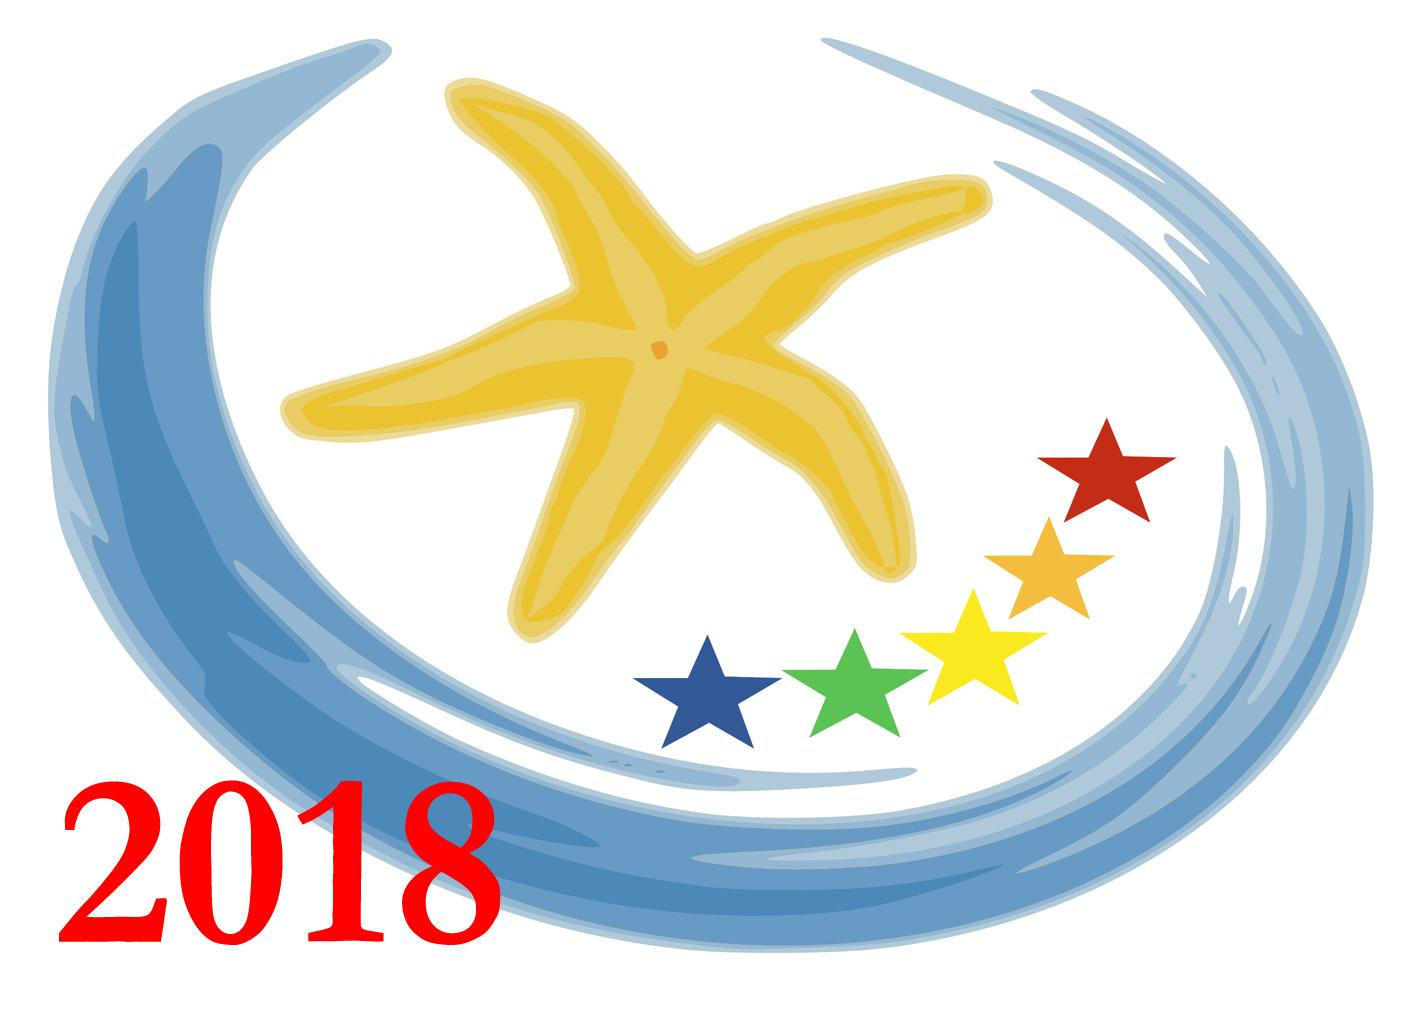 Fase di preselezione dossier 2018 olimpiadi italiane di for Cittadinanza italiana tempi di attesa 2018